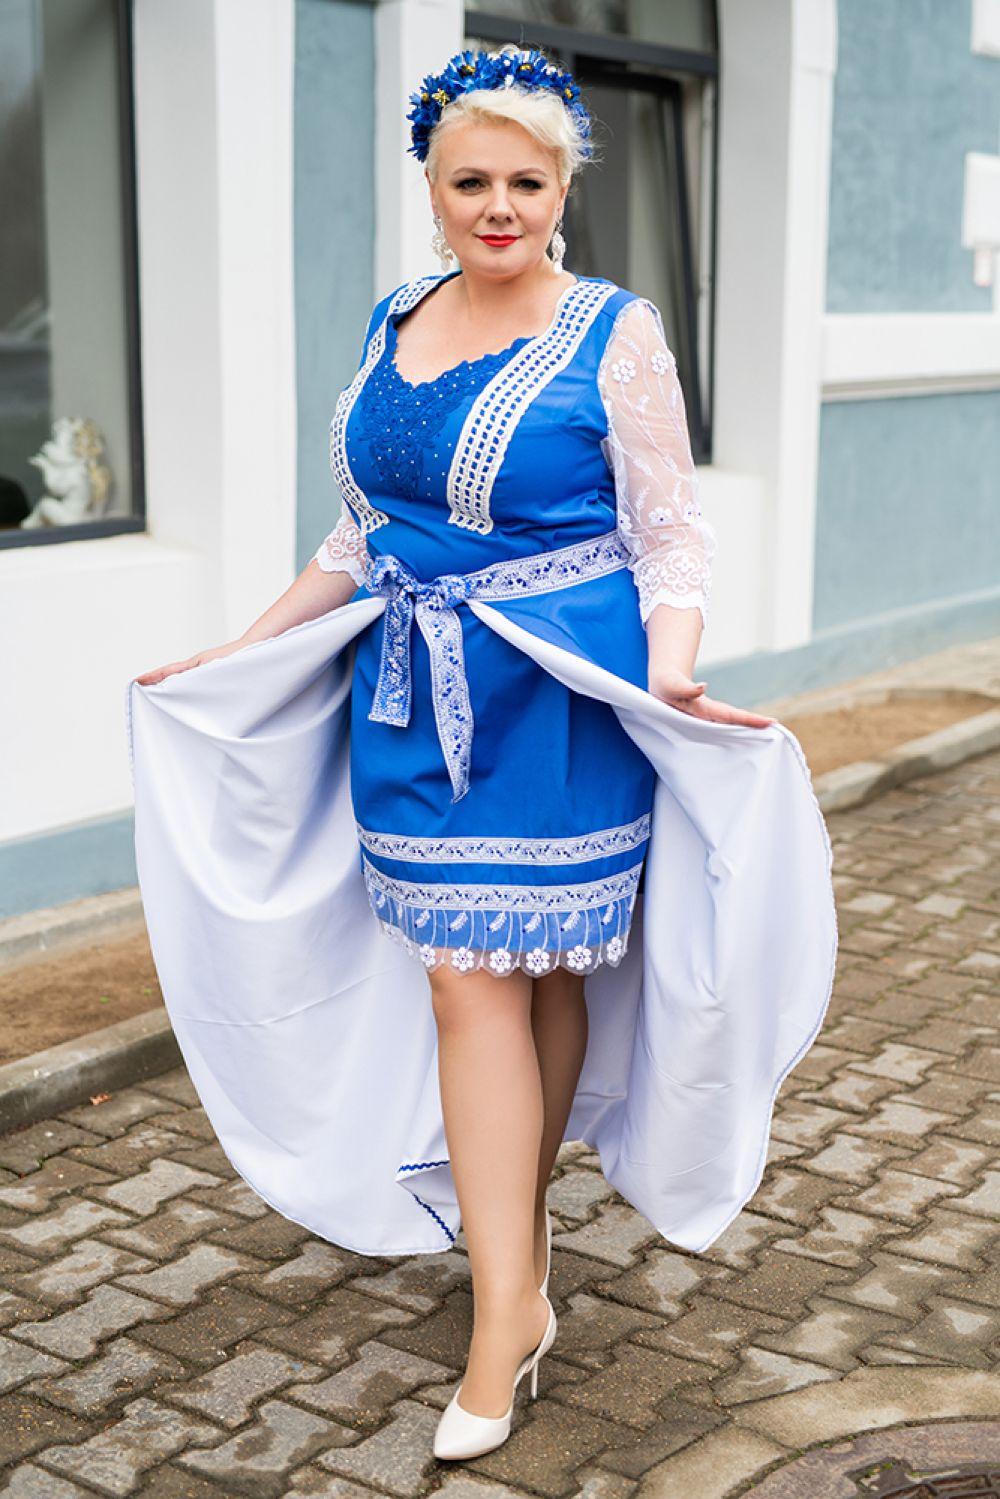 Инга Булицкая на дефиле в национальных костюмах. Дизайнер платья – Лидия Баринова